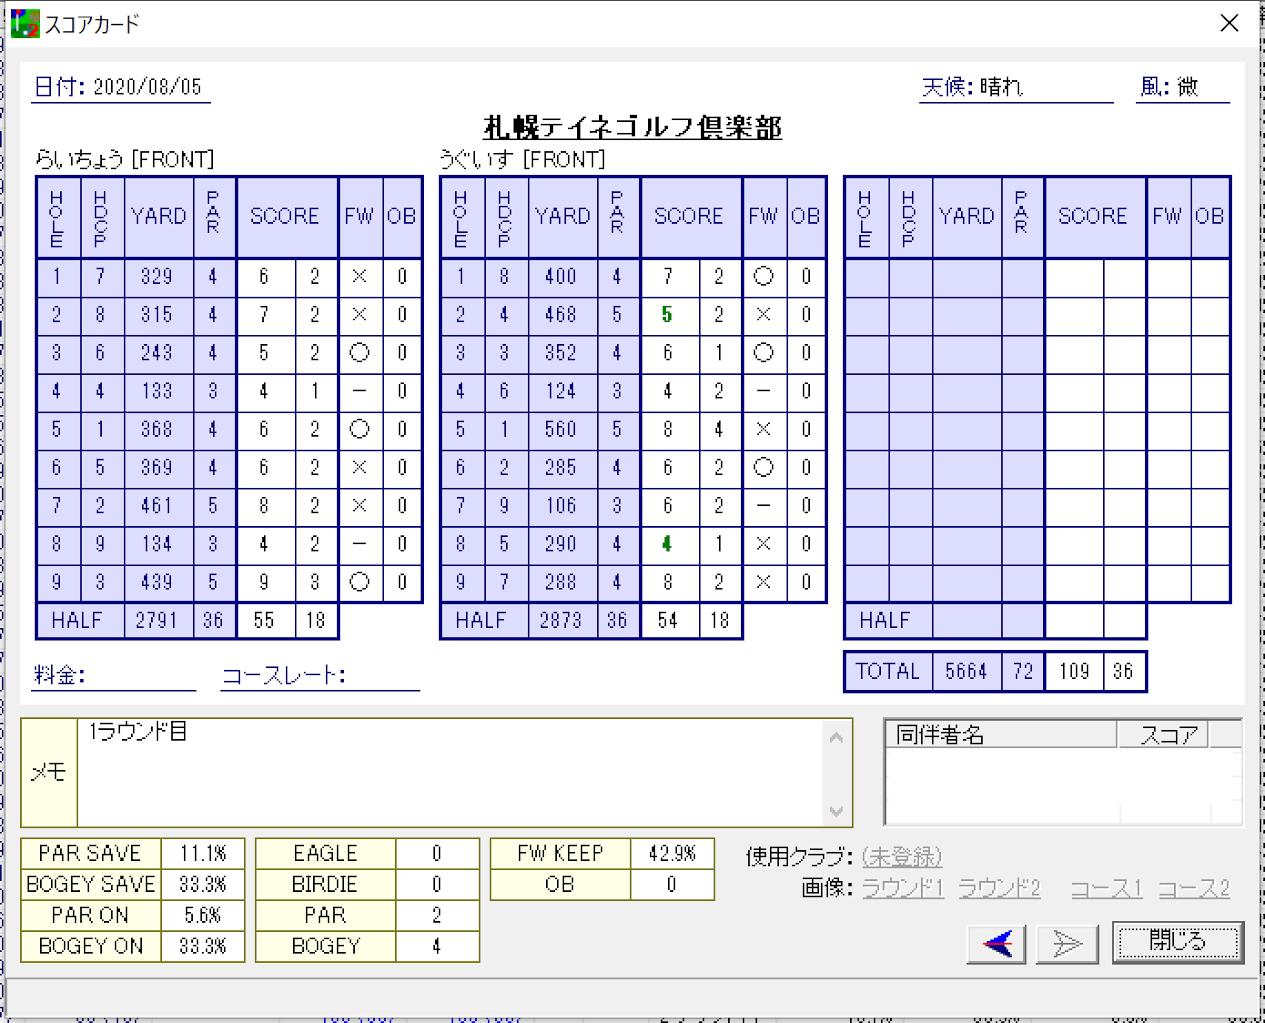 2020年夏ゴルフ大会 in北海道 第3/4戦 - 札幌テイネゴルフ倶楽部